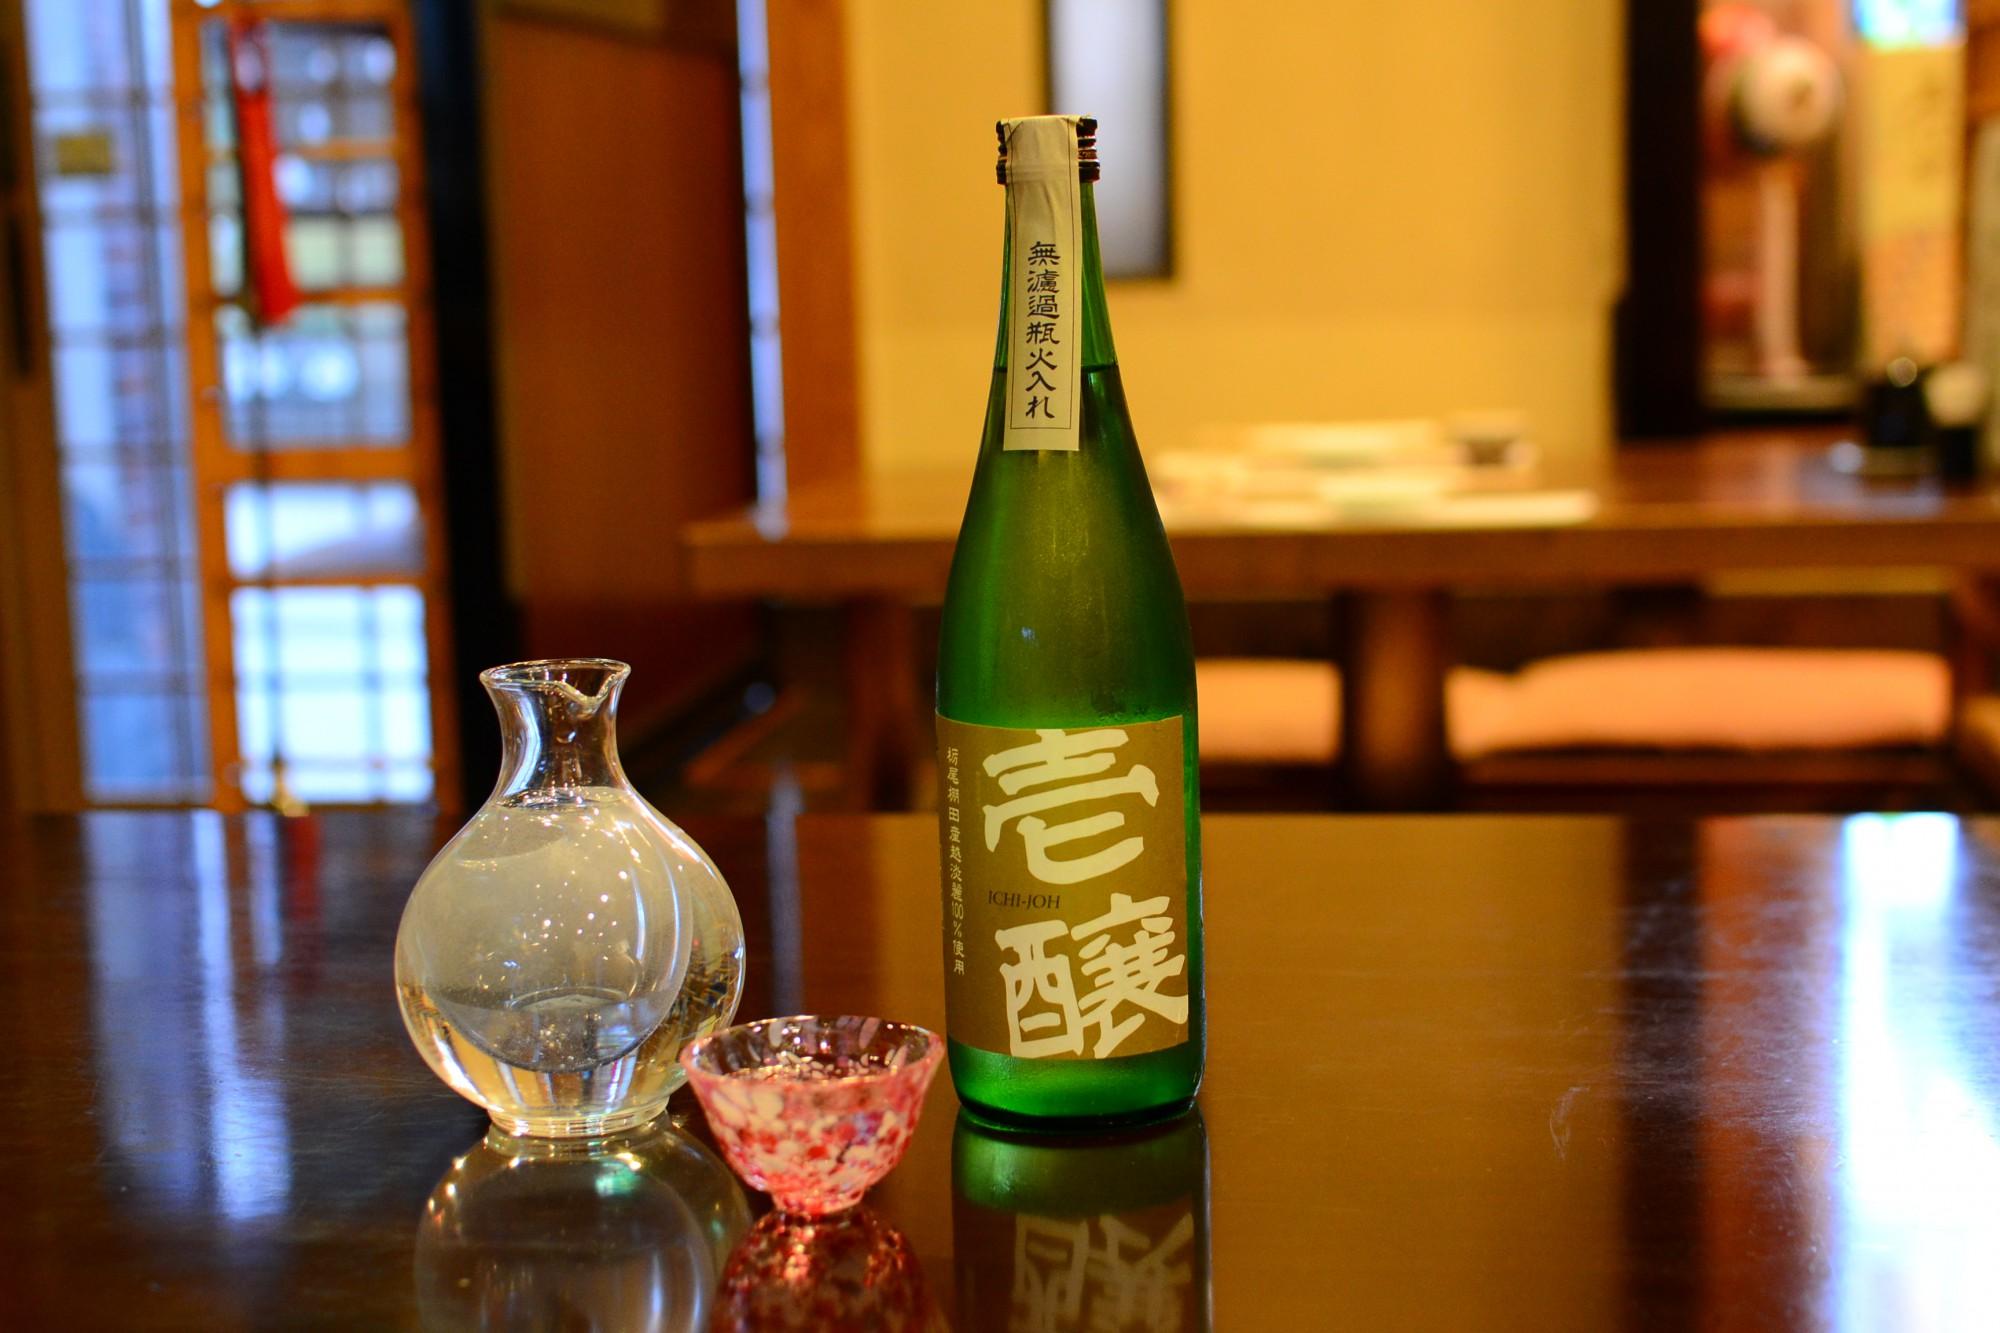 壱醸(1合)1,328円。